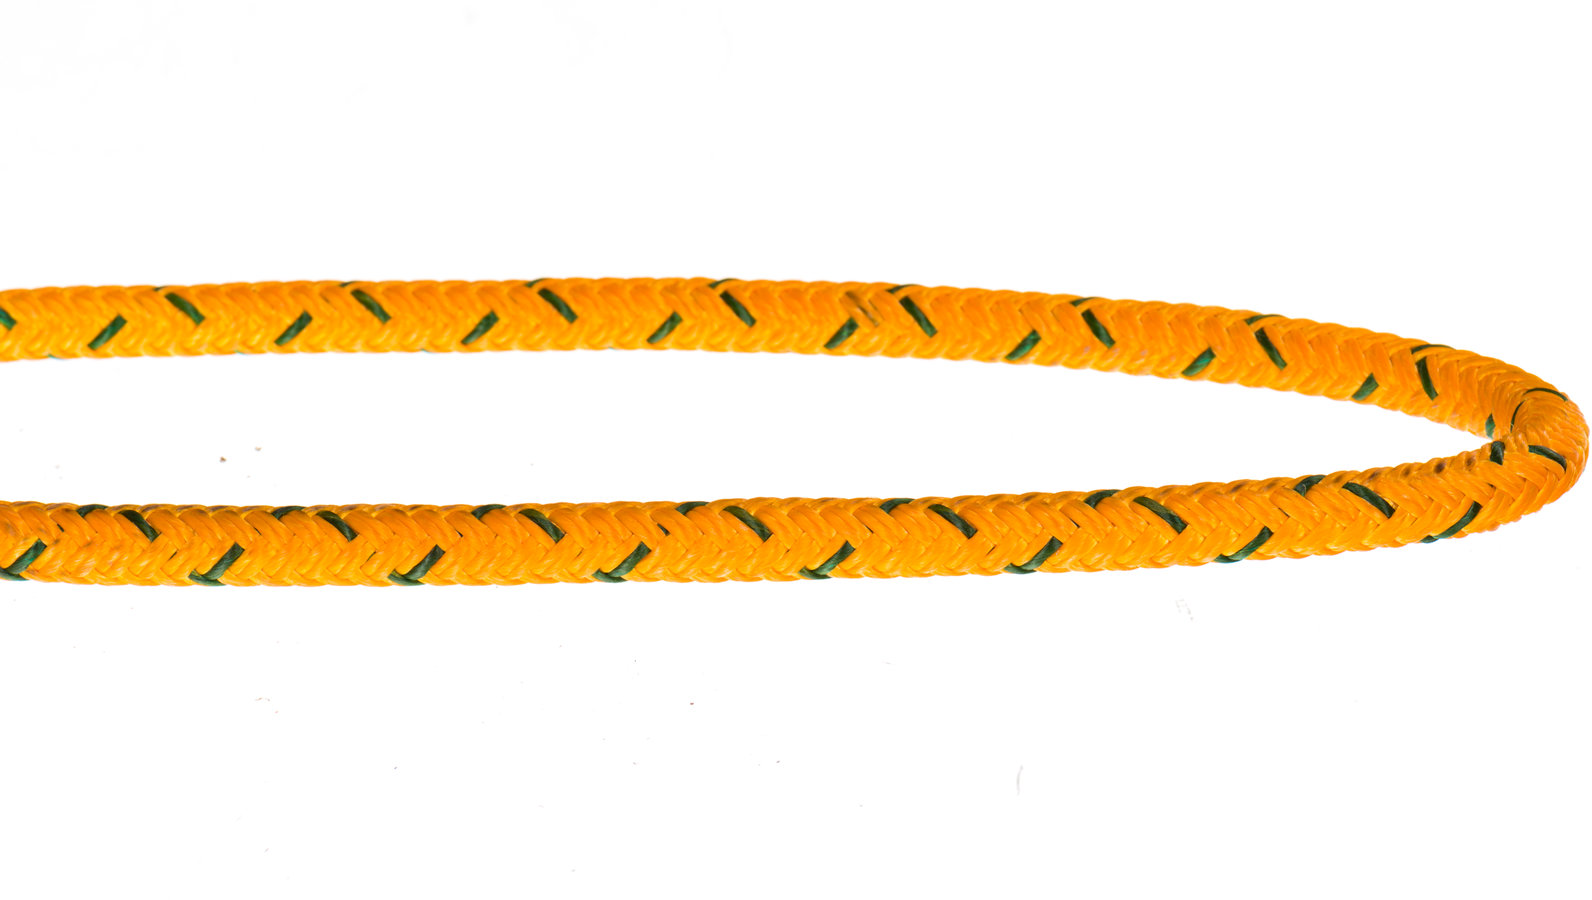 Polyester Nylon Double Braid Bull Rope - Urethane Coated (Supple) (HD Coated)